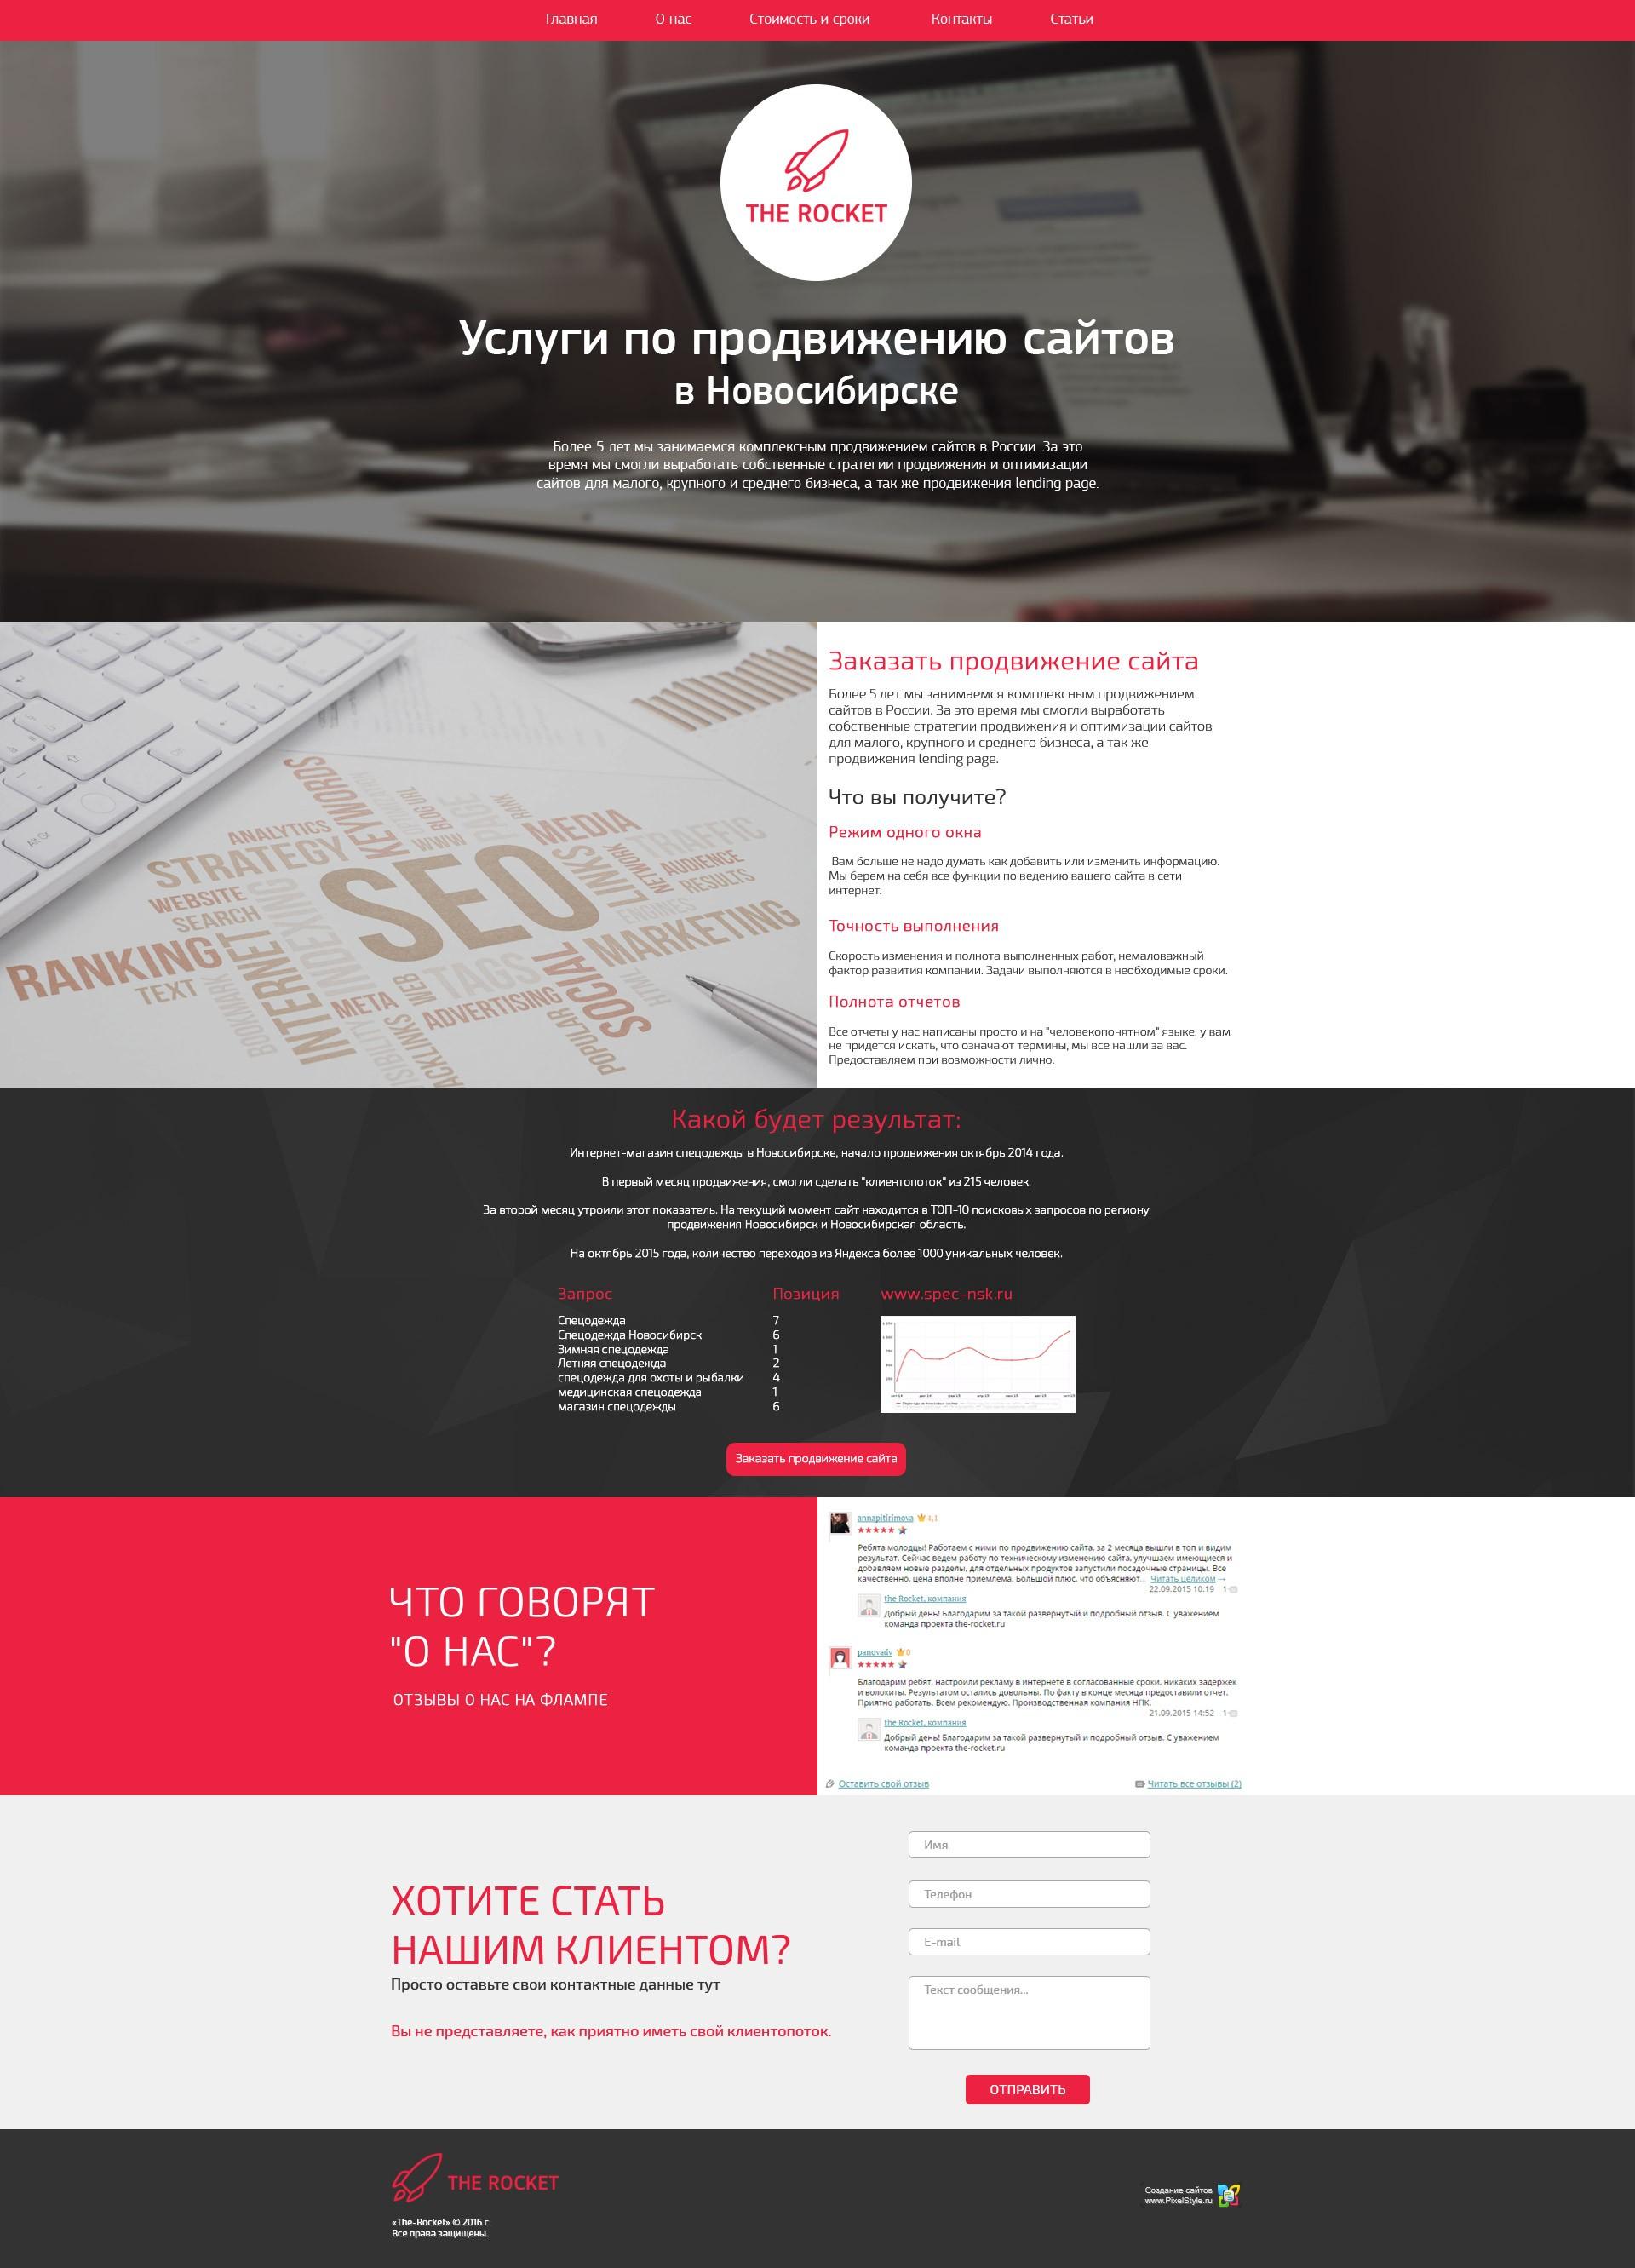 Раскрутка веб сайтов в новосибирске создание и продвижение сайтов в самаре фавикон